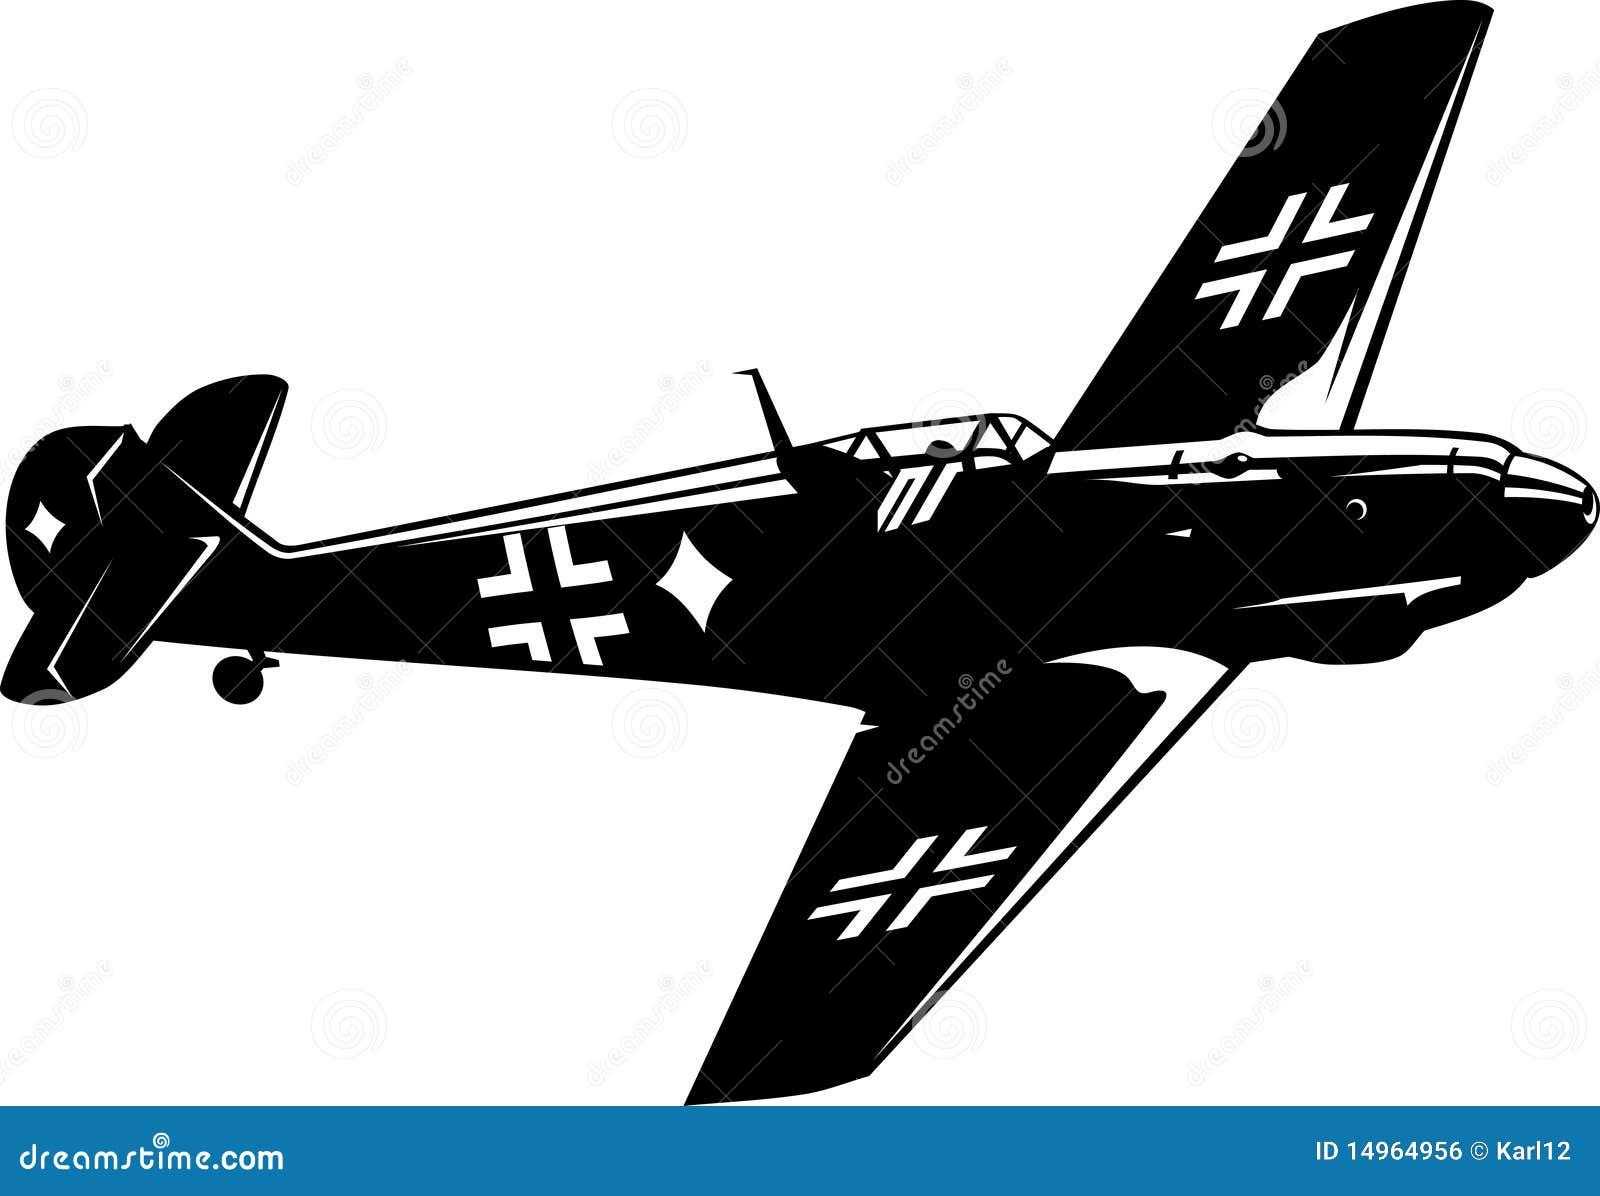 BF 109 van Messerschmitt van de vechter